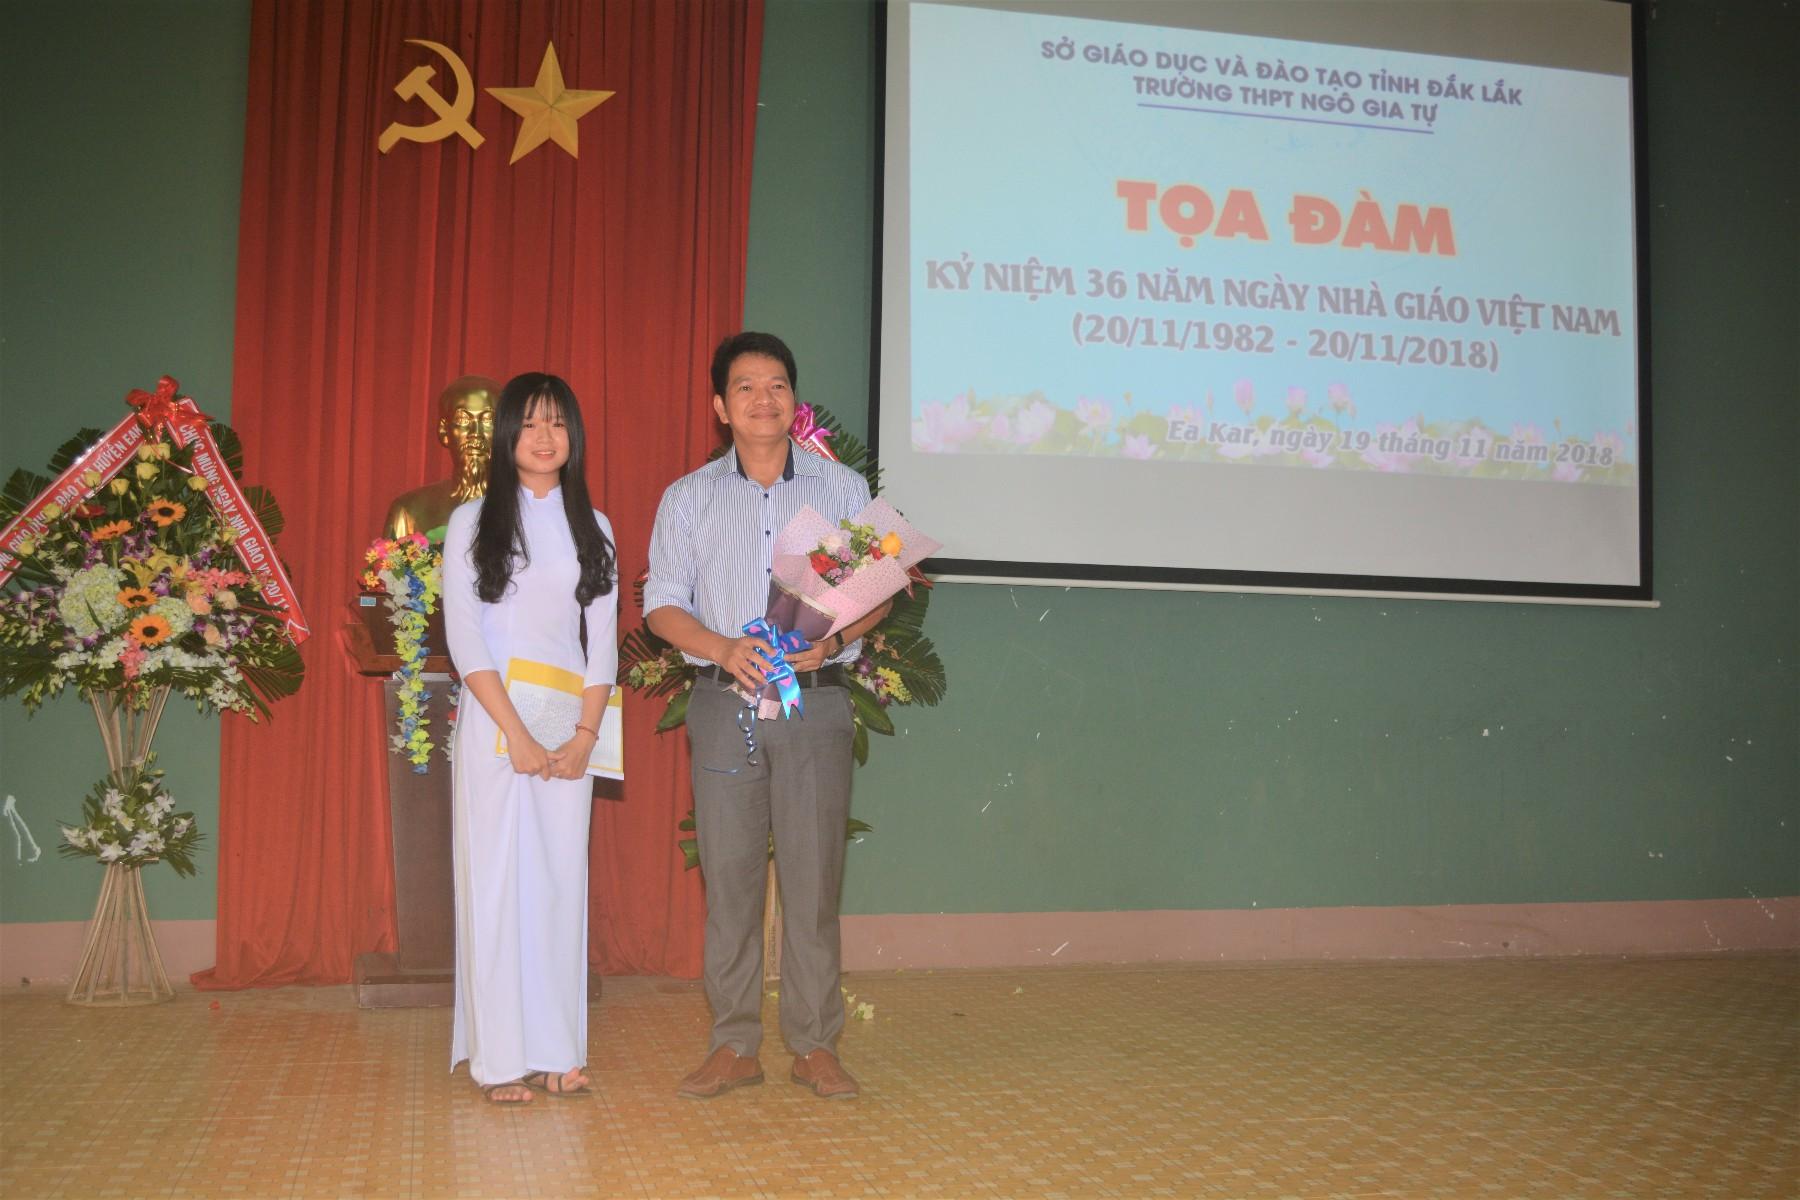 Học sinh Đặng Thị Quỳnh Như tặng hoa cho nhà trường